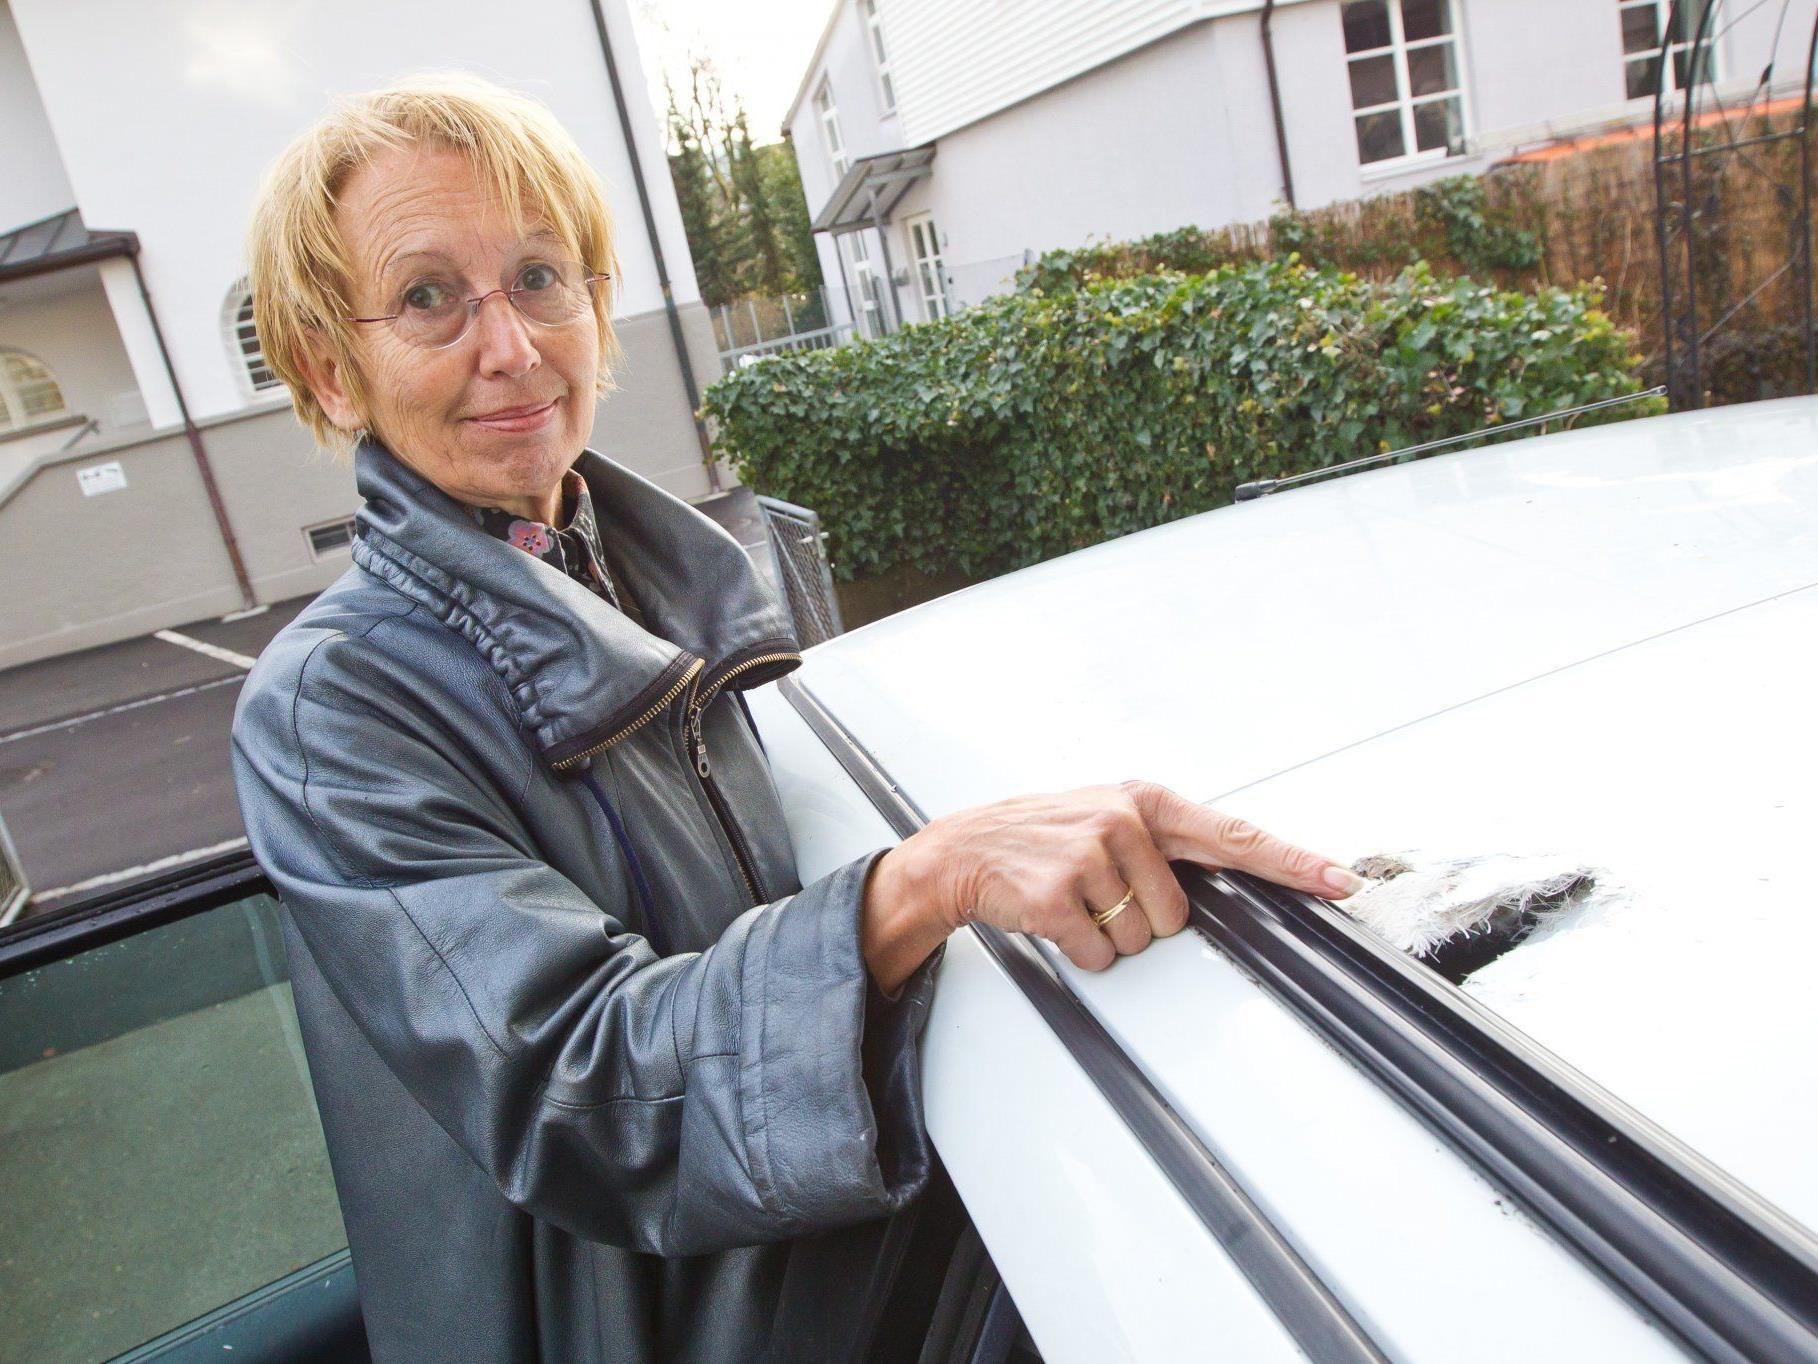 Das Autodach der Familie Kampl wurde von einem Böller regelrecht zerfetzt.